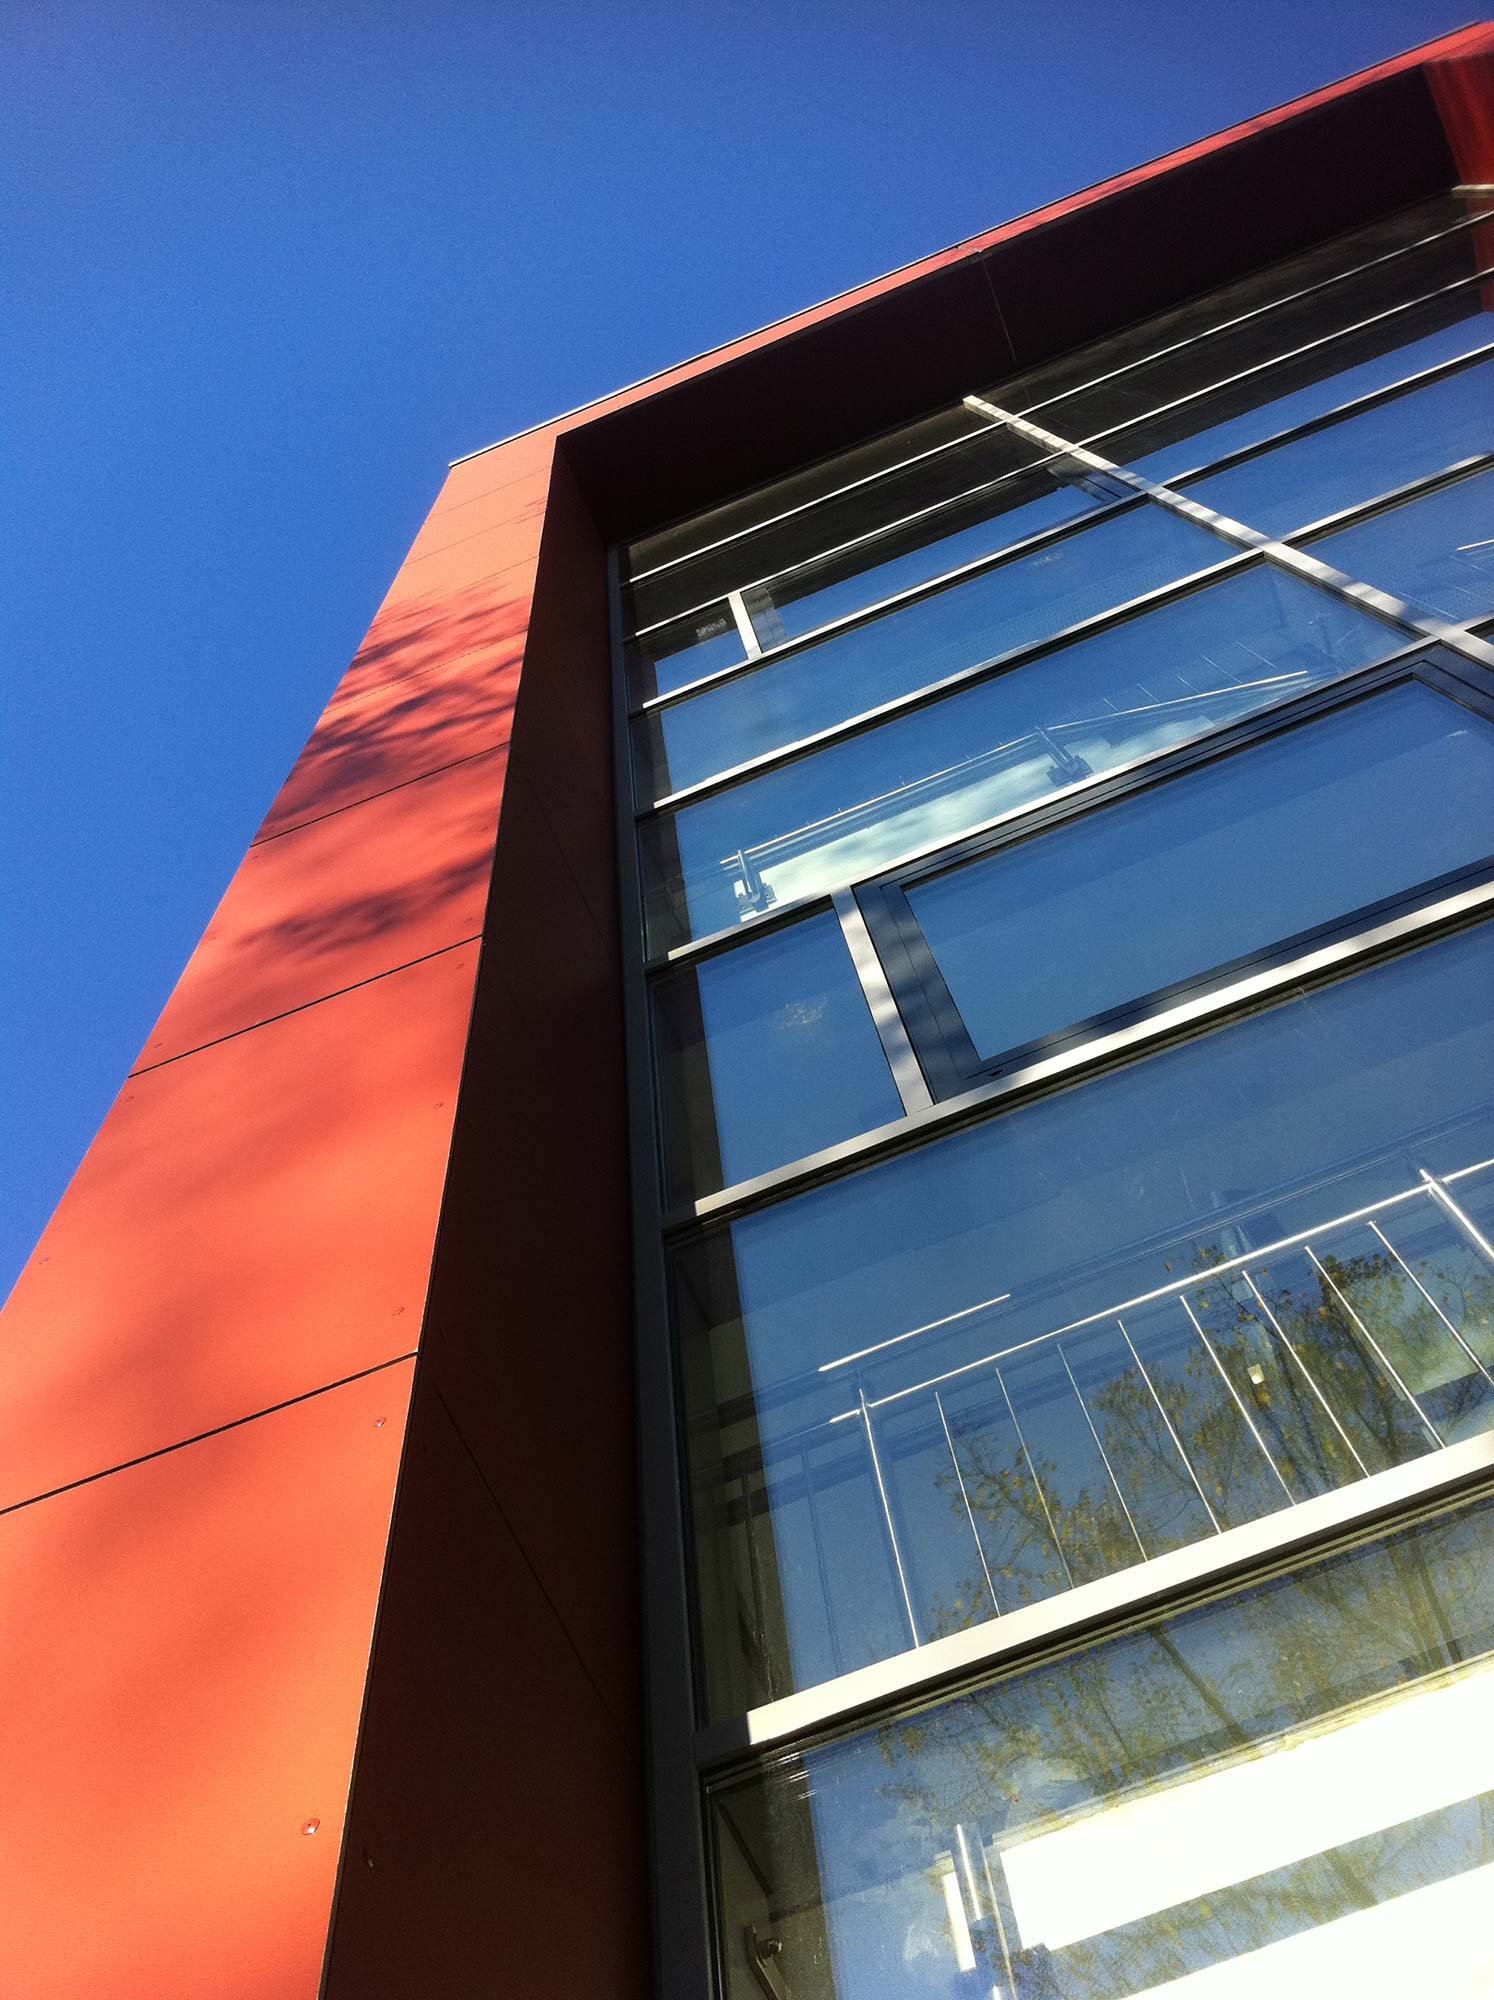 Architektur- & Ingenieurbüro Schulenberg in Hamm - Projekt: Stadt Hamm - Umbau, Sanierung und Erweiterung der von Vincke Grundschule in Hamm Bockum-Hövel